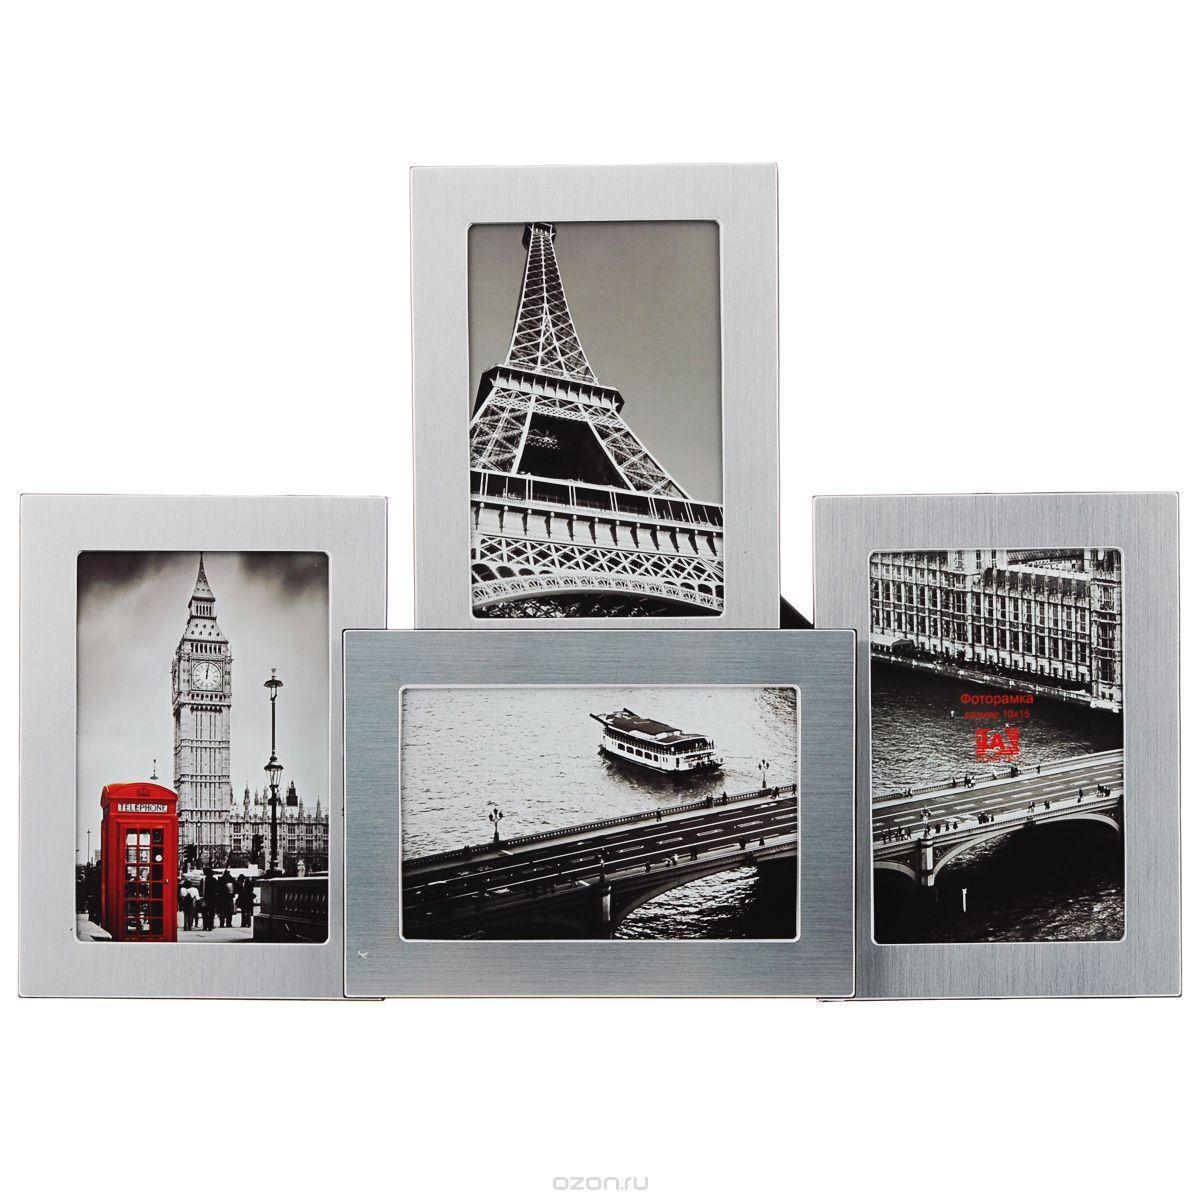 Фоторамка Image Art, на 4 фото, 10 см х 15 см. 6019/4-4S6019/4-4SФоторамка Image Art - прекрасный способ красиво оформить ваши фотографии. Фоторамка выполнена из пластика и защищена стеклом, предназначена для четырех фотографий с вертикальным и горизонтальным расположением. Фоторамку можно поставить на стол с помощью специальной ножки или подвесить на стену, для чего с задней стороны предусмотрены отверстия. Такая фоторамка поможет сохранить на память самые яркие моменты вашей жизни, а стильный дизайн сделает ее прекрасным дополнением интерьера комнаты.